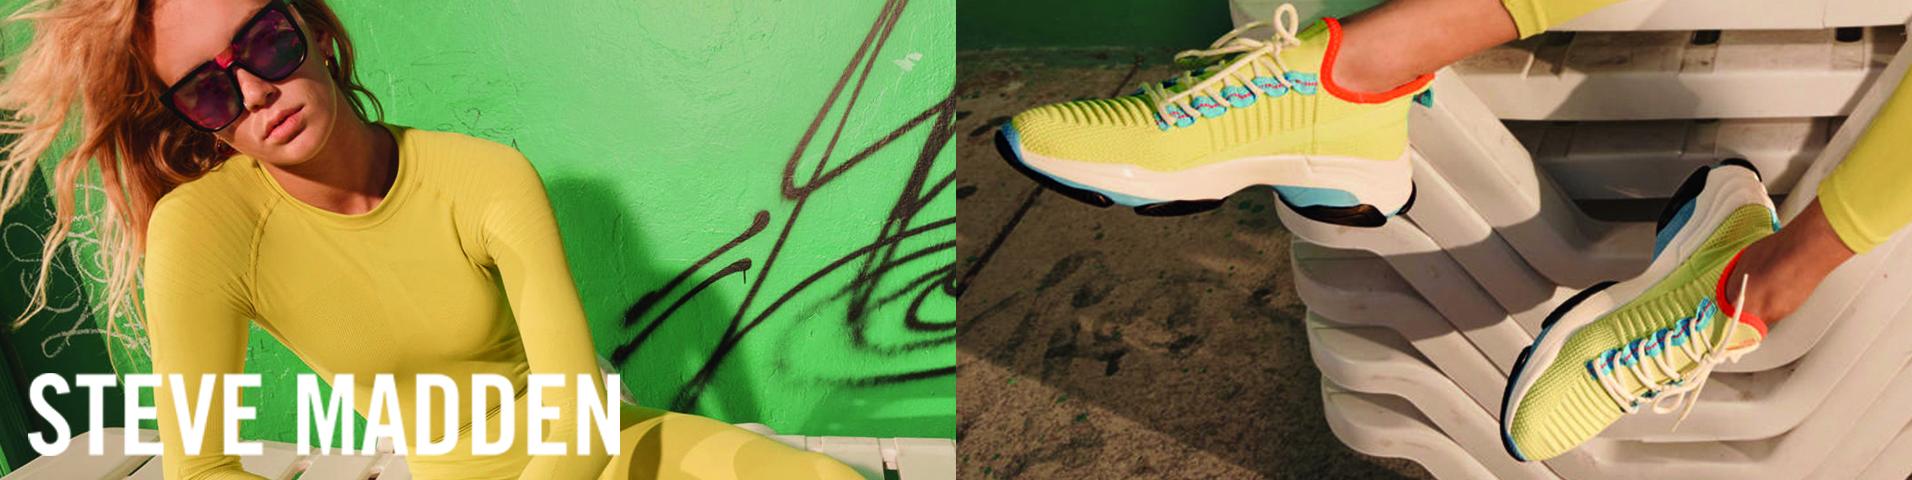 Scarpe Steve Madden | Grande assortimento di calzature su